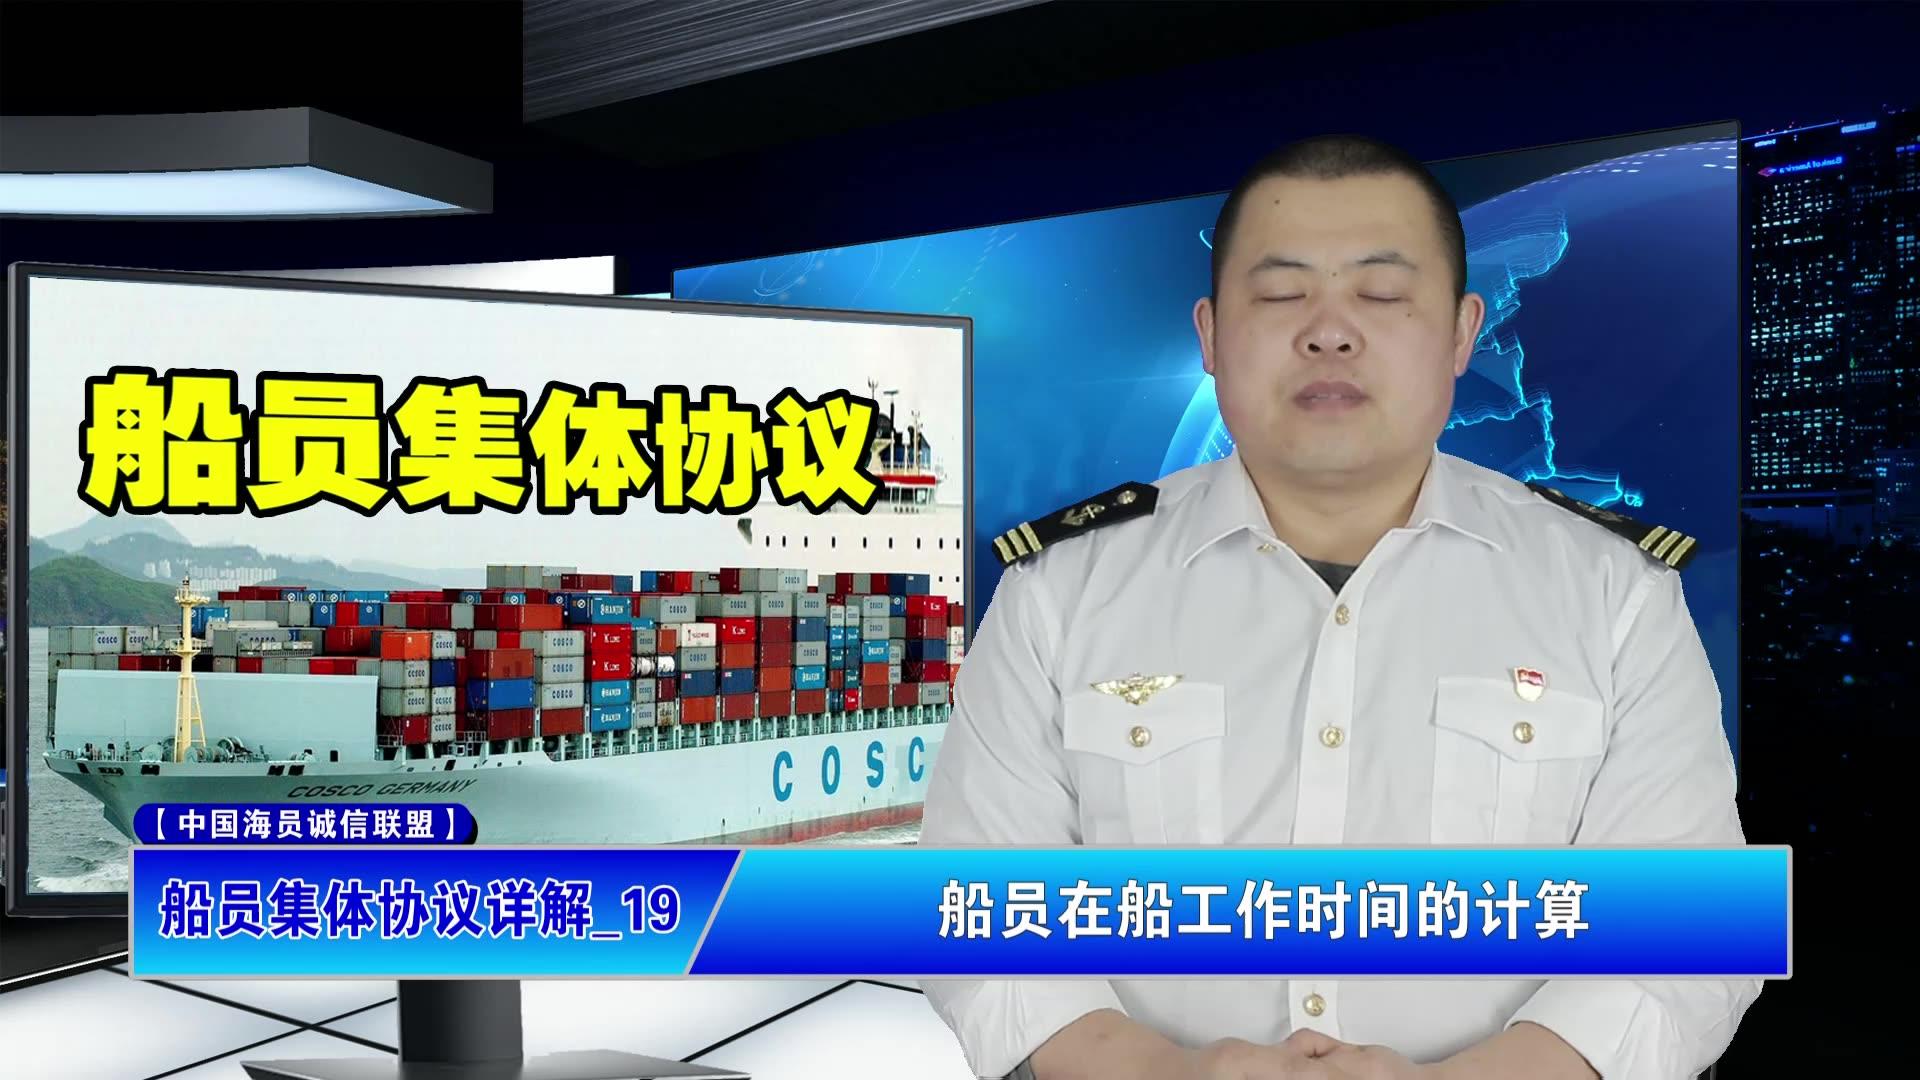 船员集体协议详解_19:船员在船工作时间的计算